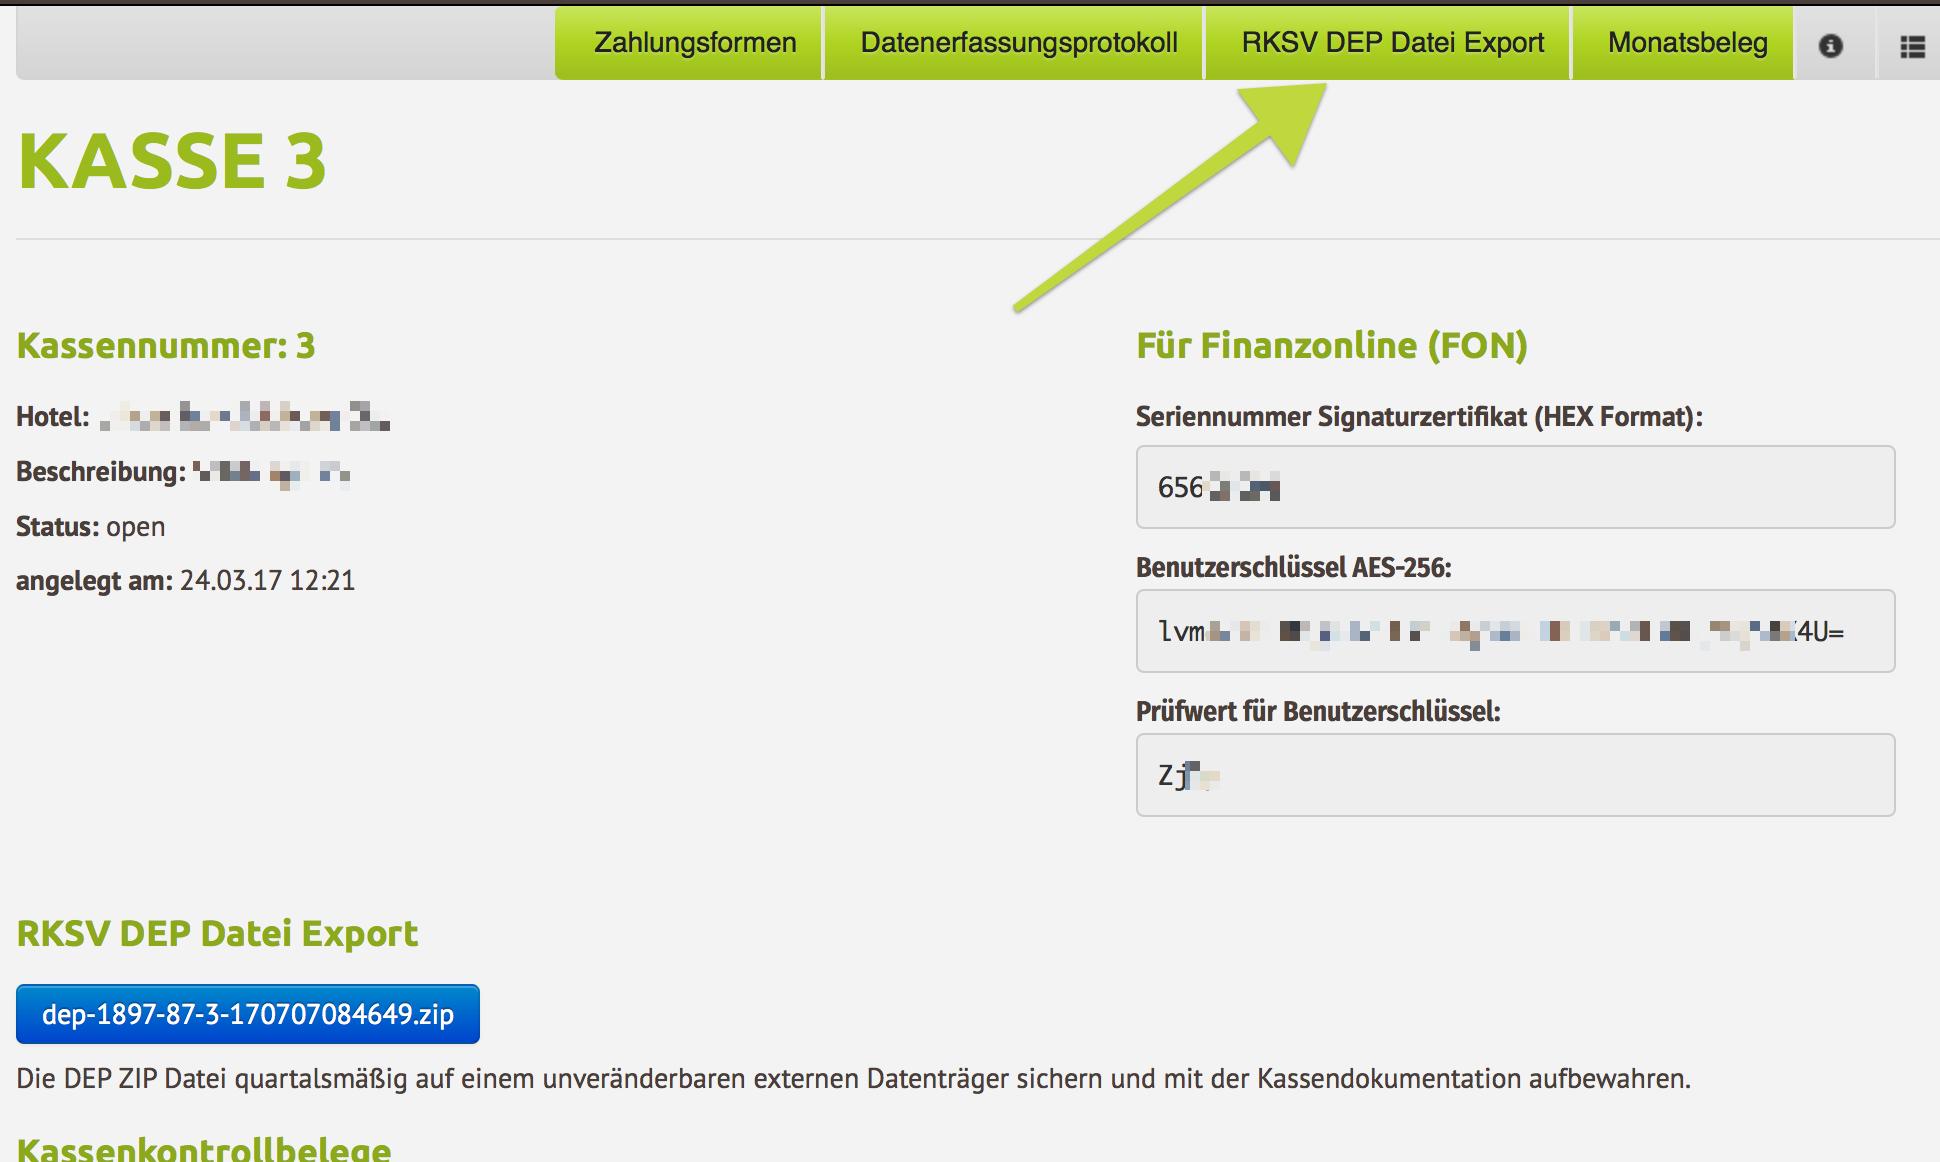 RKSV DEP-Export als ZIP Datei aus der igumbi Hotelsoftware herunterladen